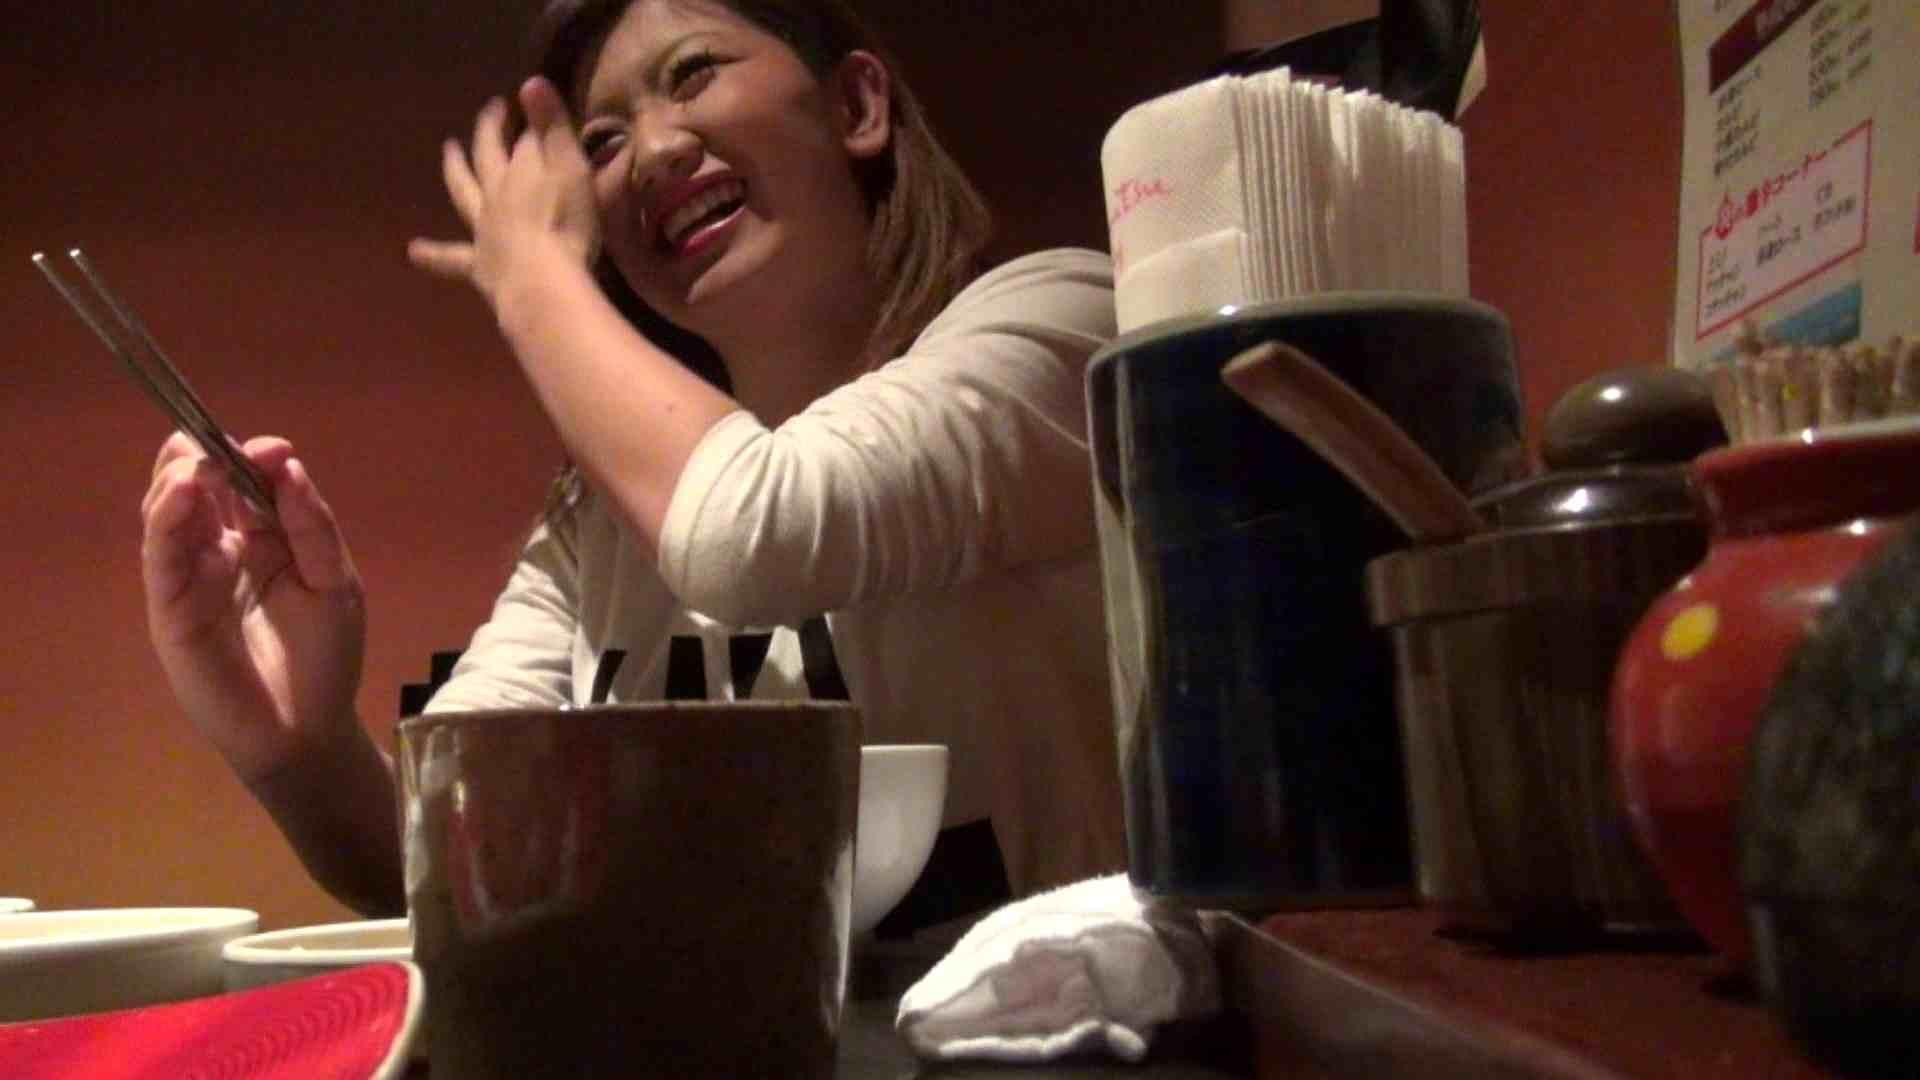 【出会い01】大助さんMちゃんと食事会 エッチすぎる友人  54連発 24